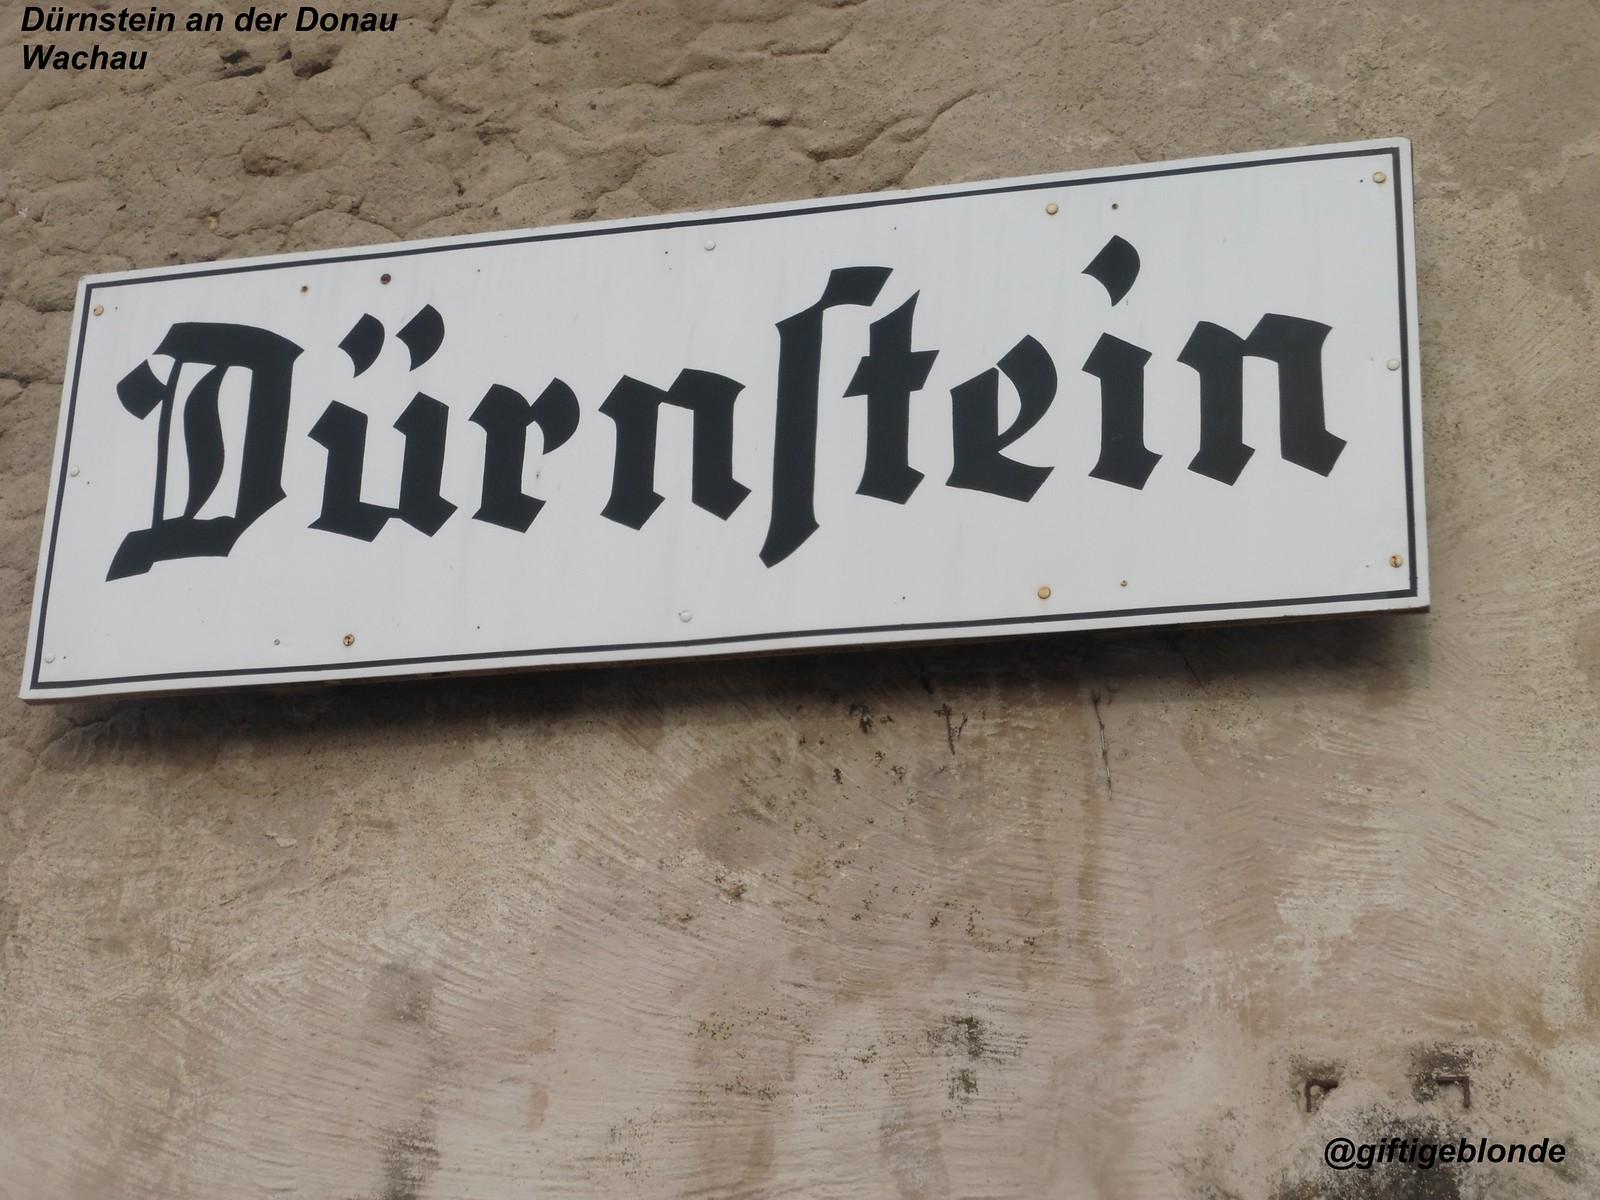 Dürnstein an der Donau, Wachau